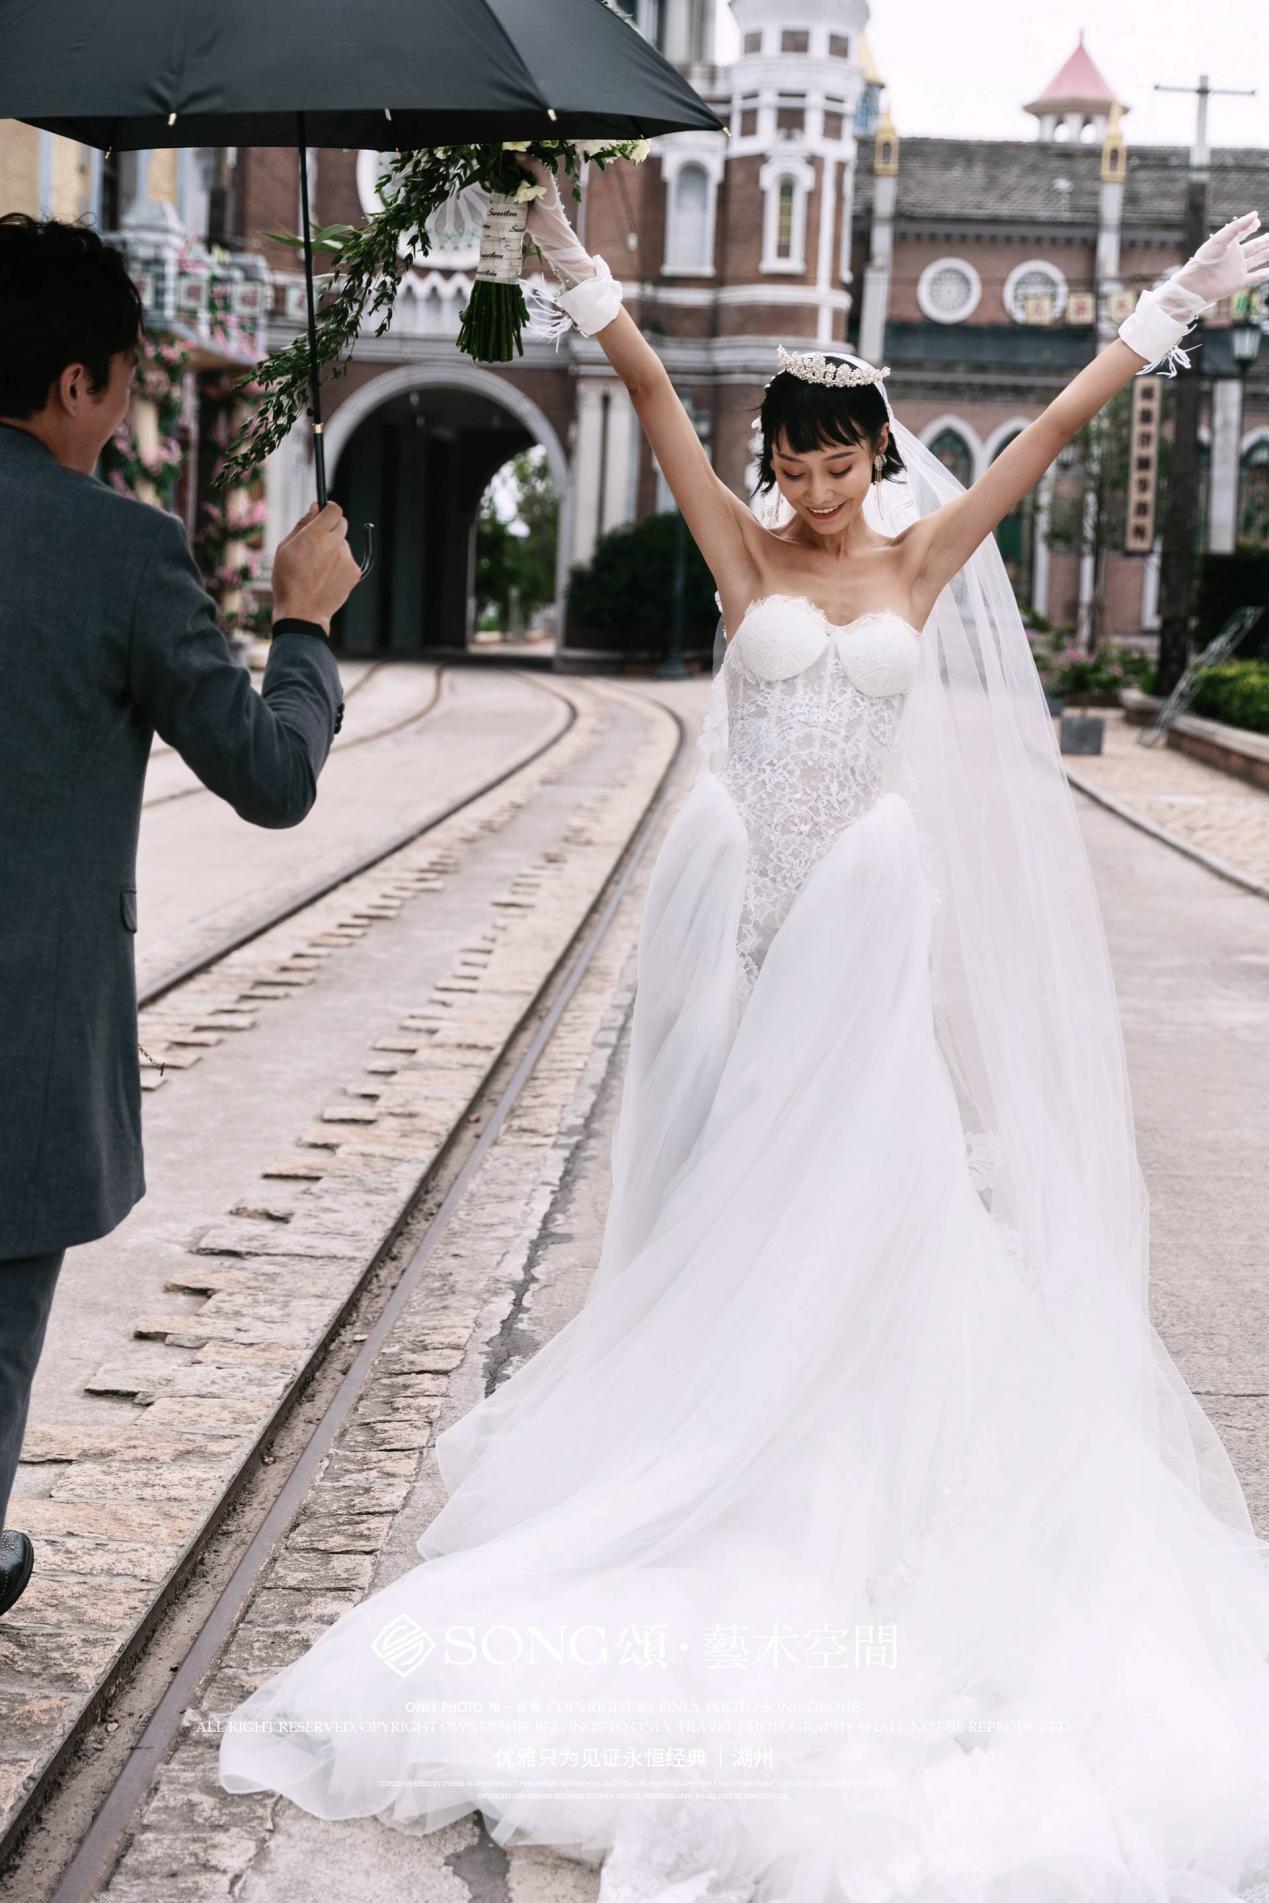 前面西装后面婚纱_前面短后面长的发型女